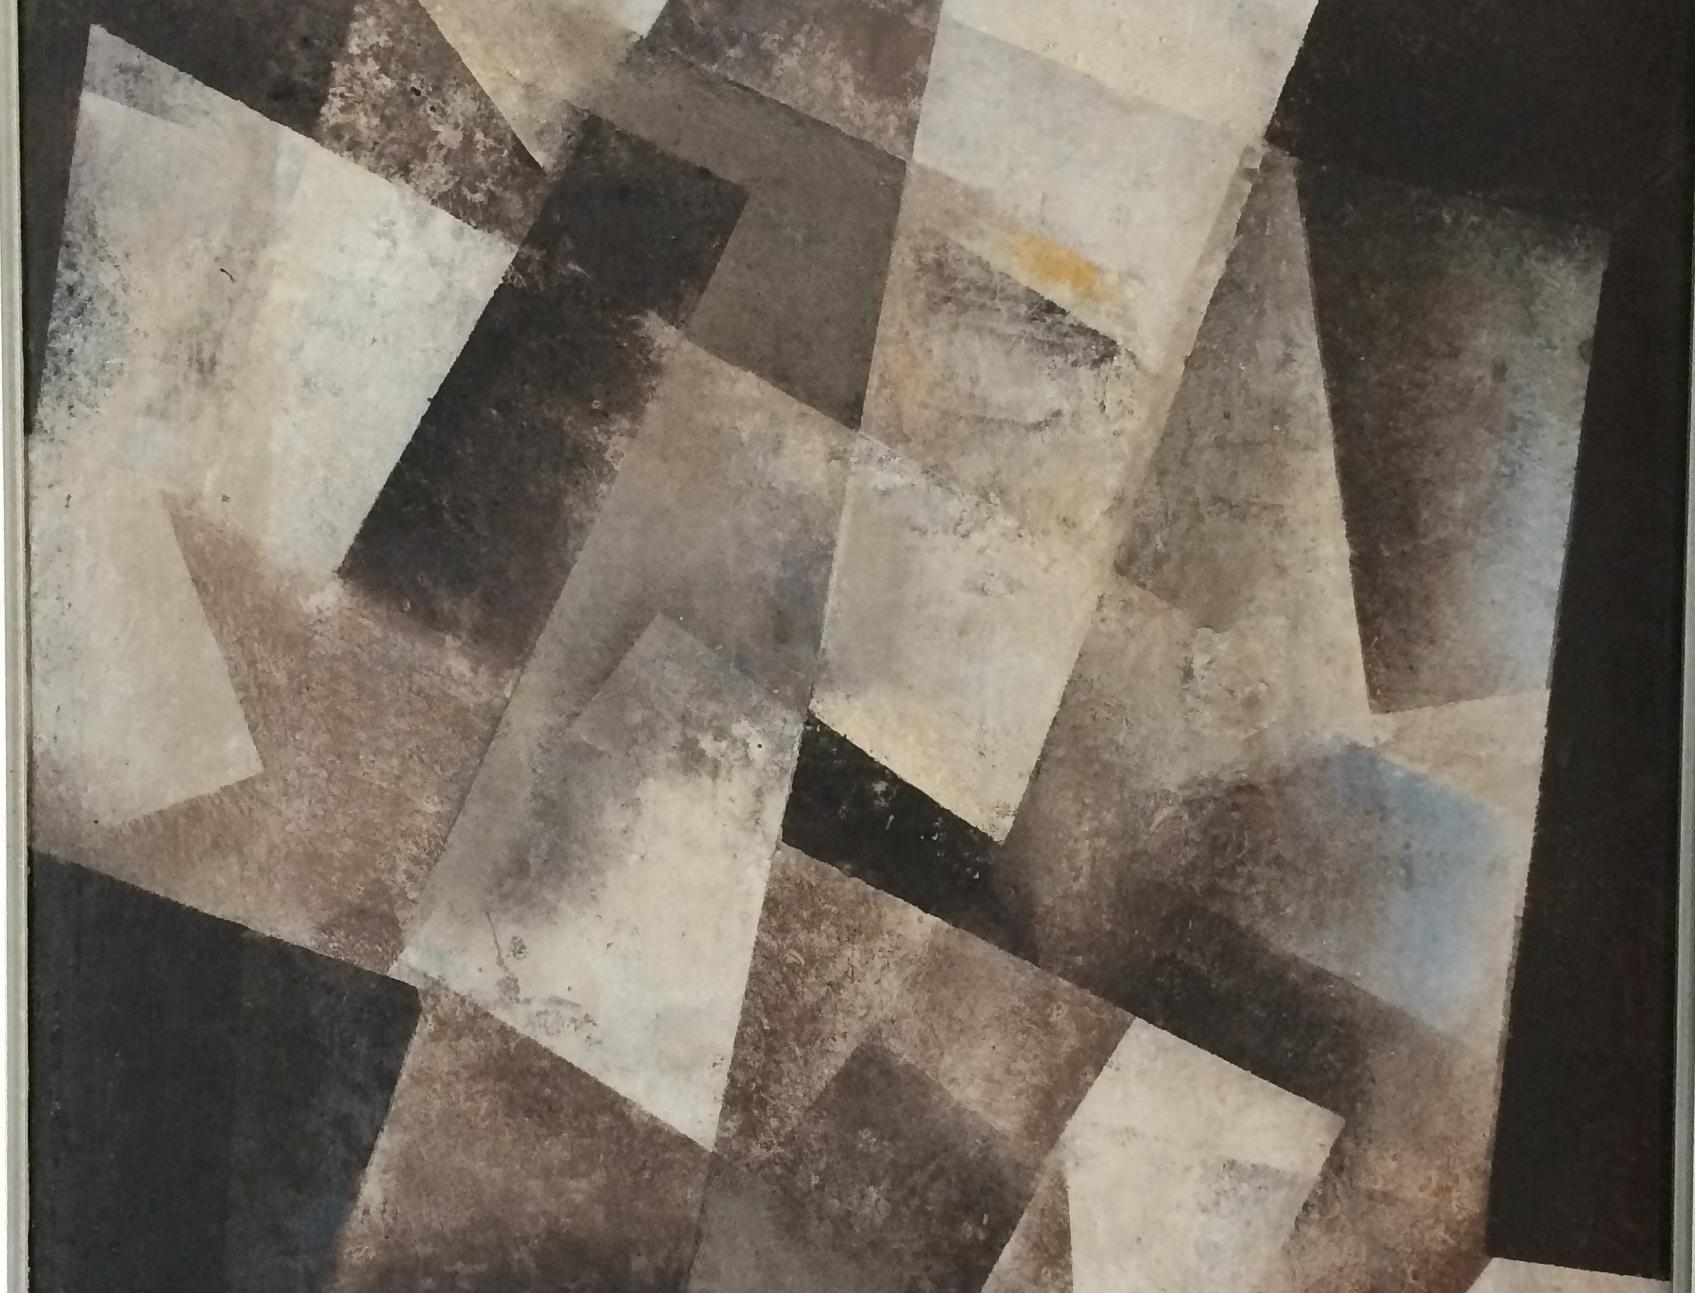 Sammlung Domnick, Ausschnitt aus Hans Hartung T 1948-18 («Formes noires») 1948, Foto:  Staatsanzeiger für Baden-Württemberg, Anja Stangl